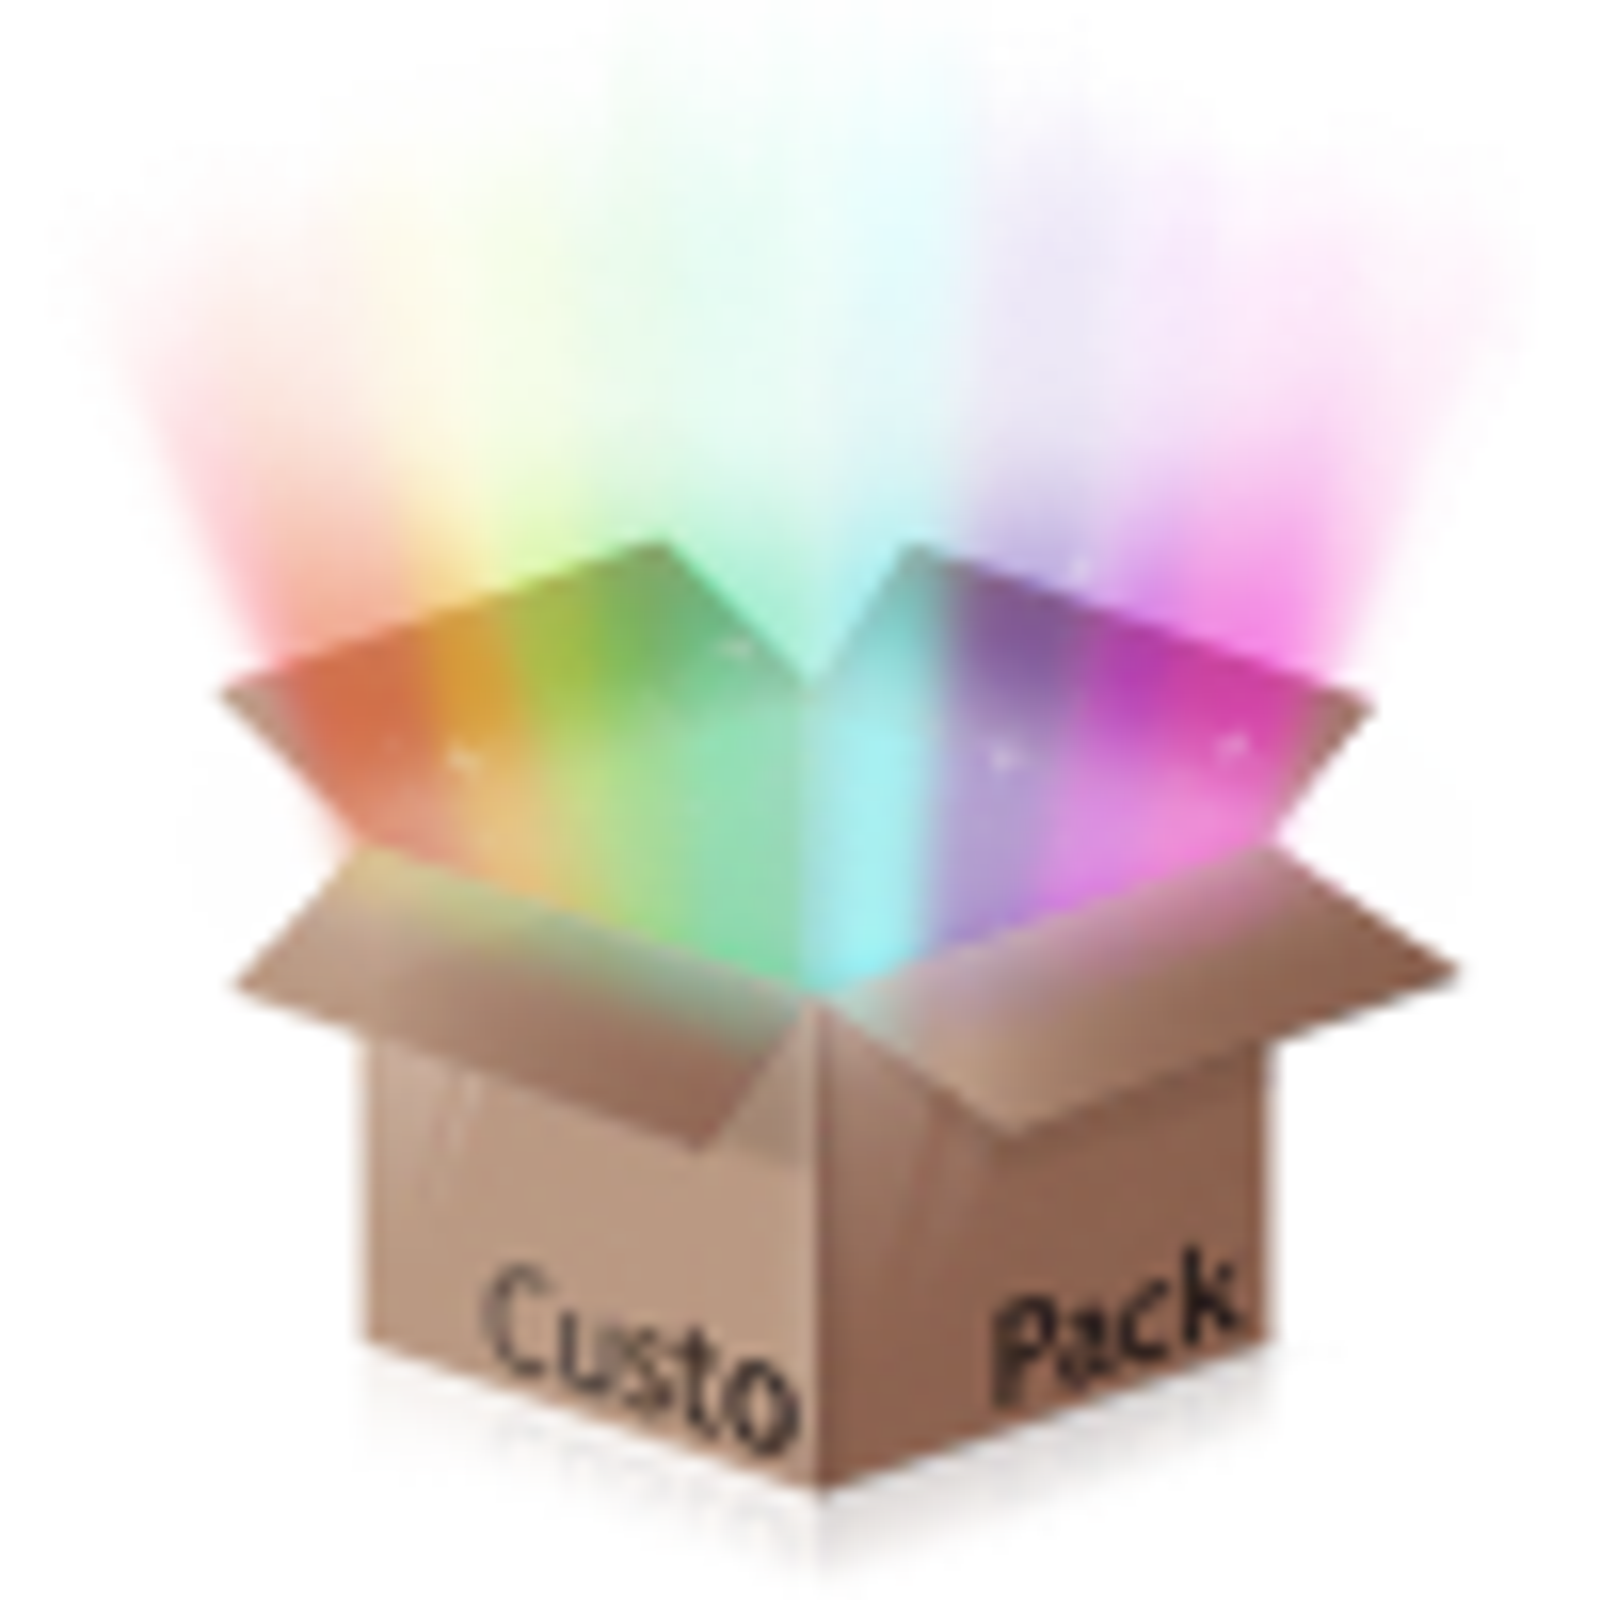 CustoPack Tools